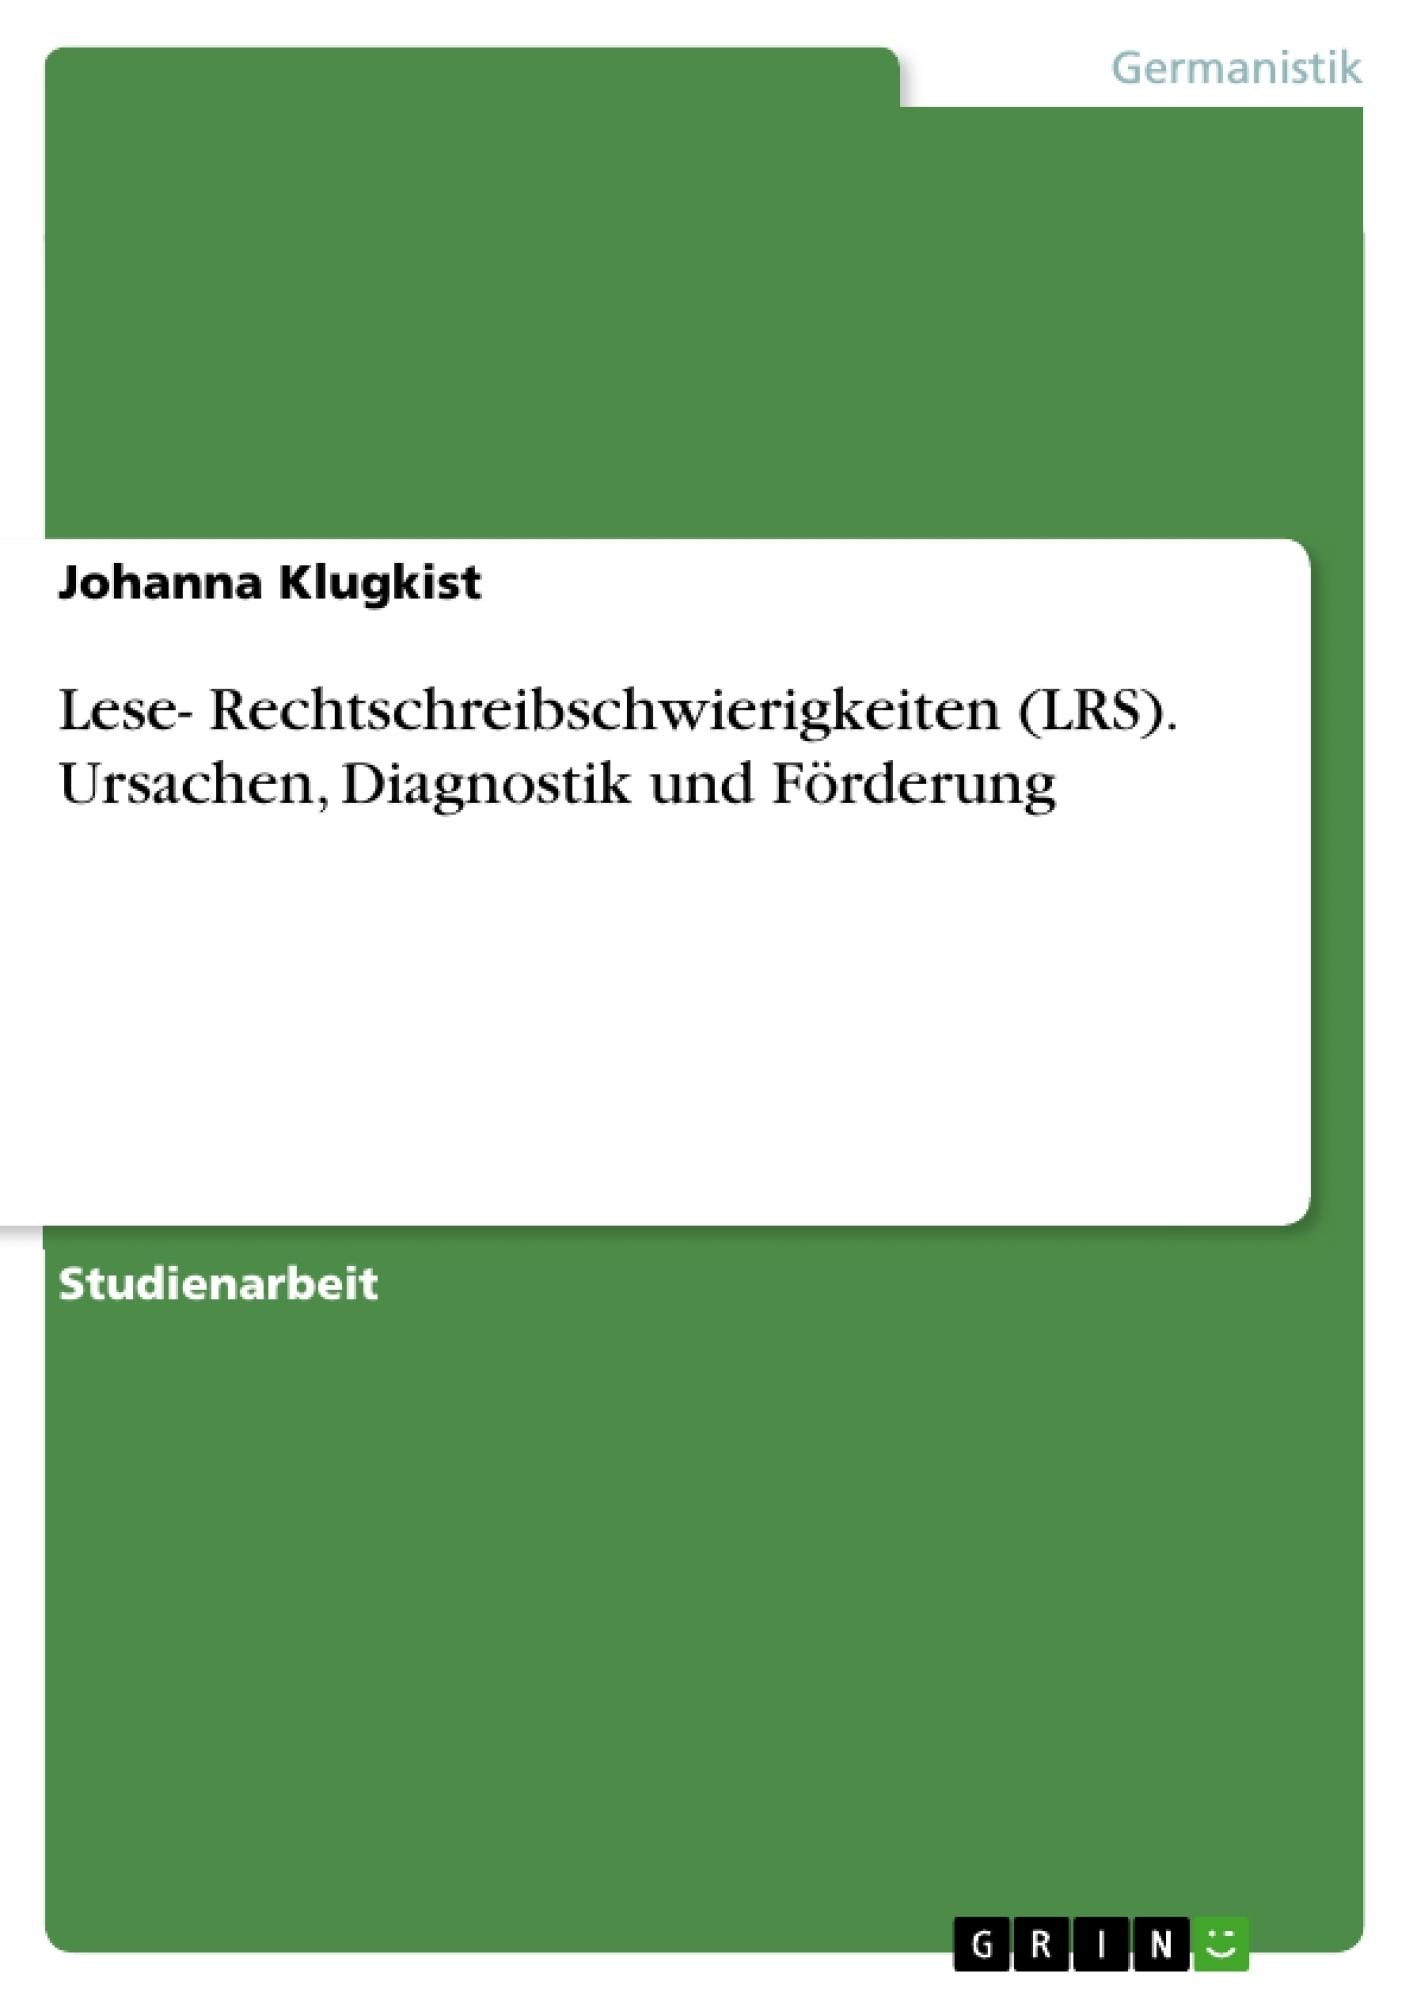 Titel: Lese- Rechtschreibschwierigkeiten (LRS). Ursachen, Diagnostik und Förderung